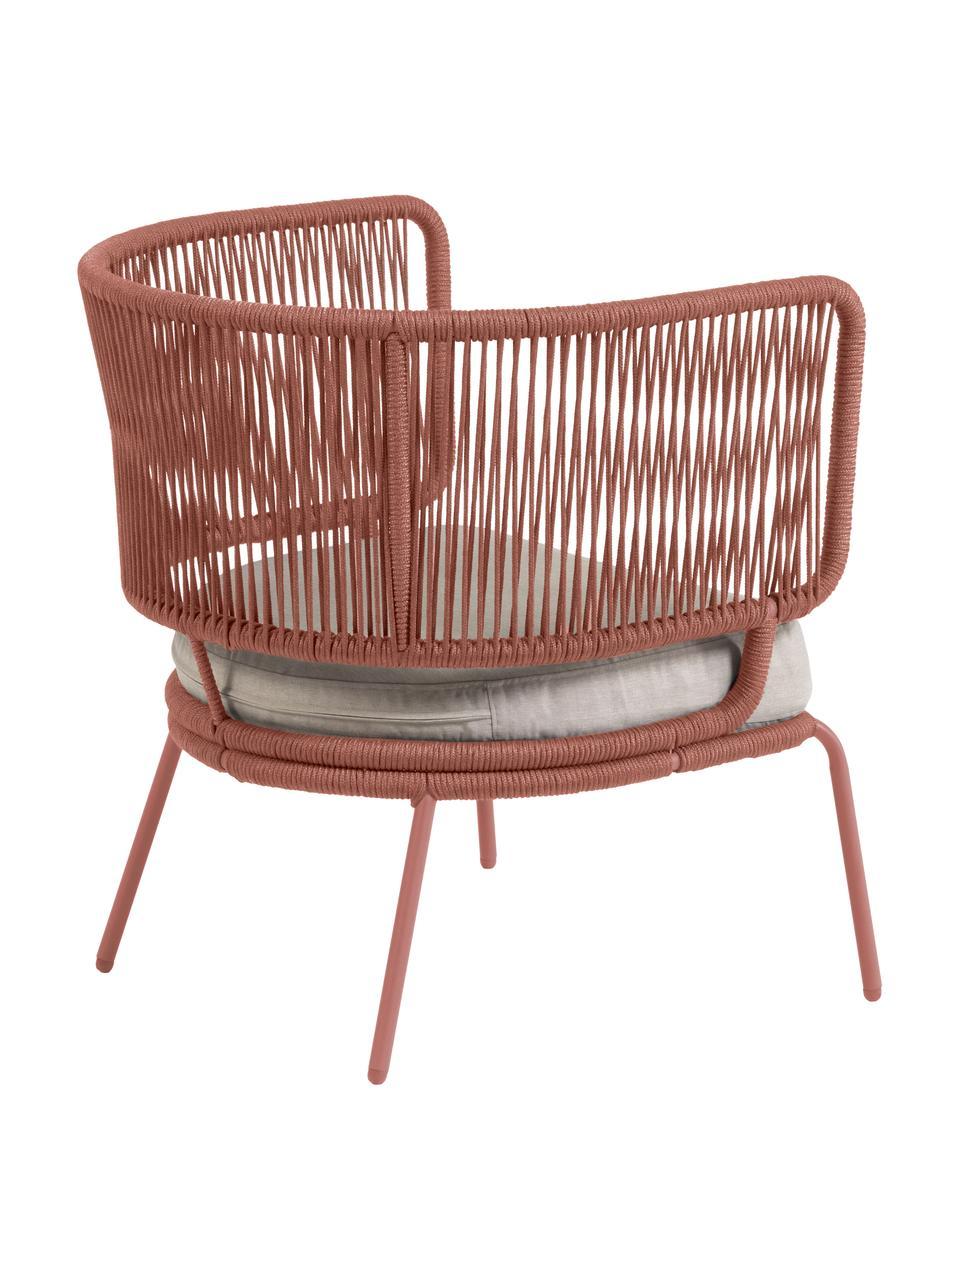 Garten-Loungesessel Nadin, Gestell: Metall, verzinkt und lack, Bezug: Polyester, Rosa, B 74 x T 65 cm